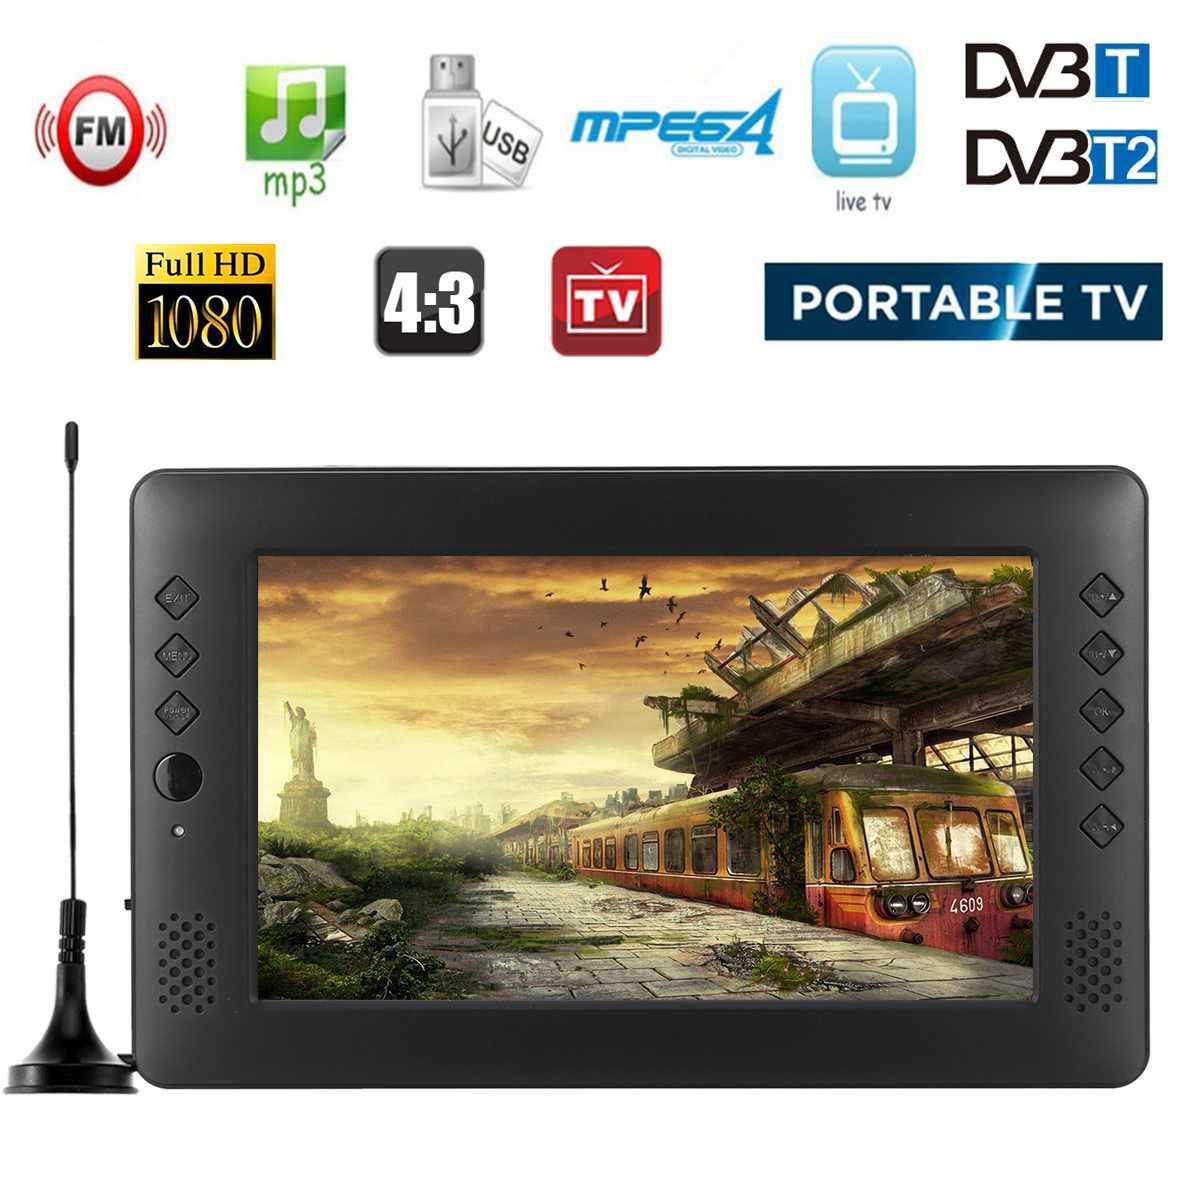 12V 9 pouces HD Portable Mini WiFi numérique et analogique TV DVB-T2 DVB-T DTV ATV voiture intelligente télévision USB TF carte MP4 Audio vidéo